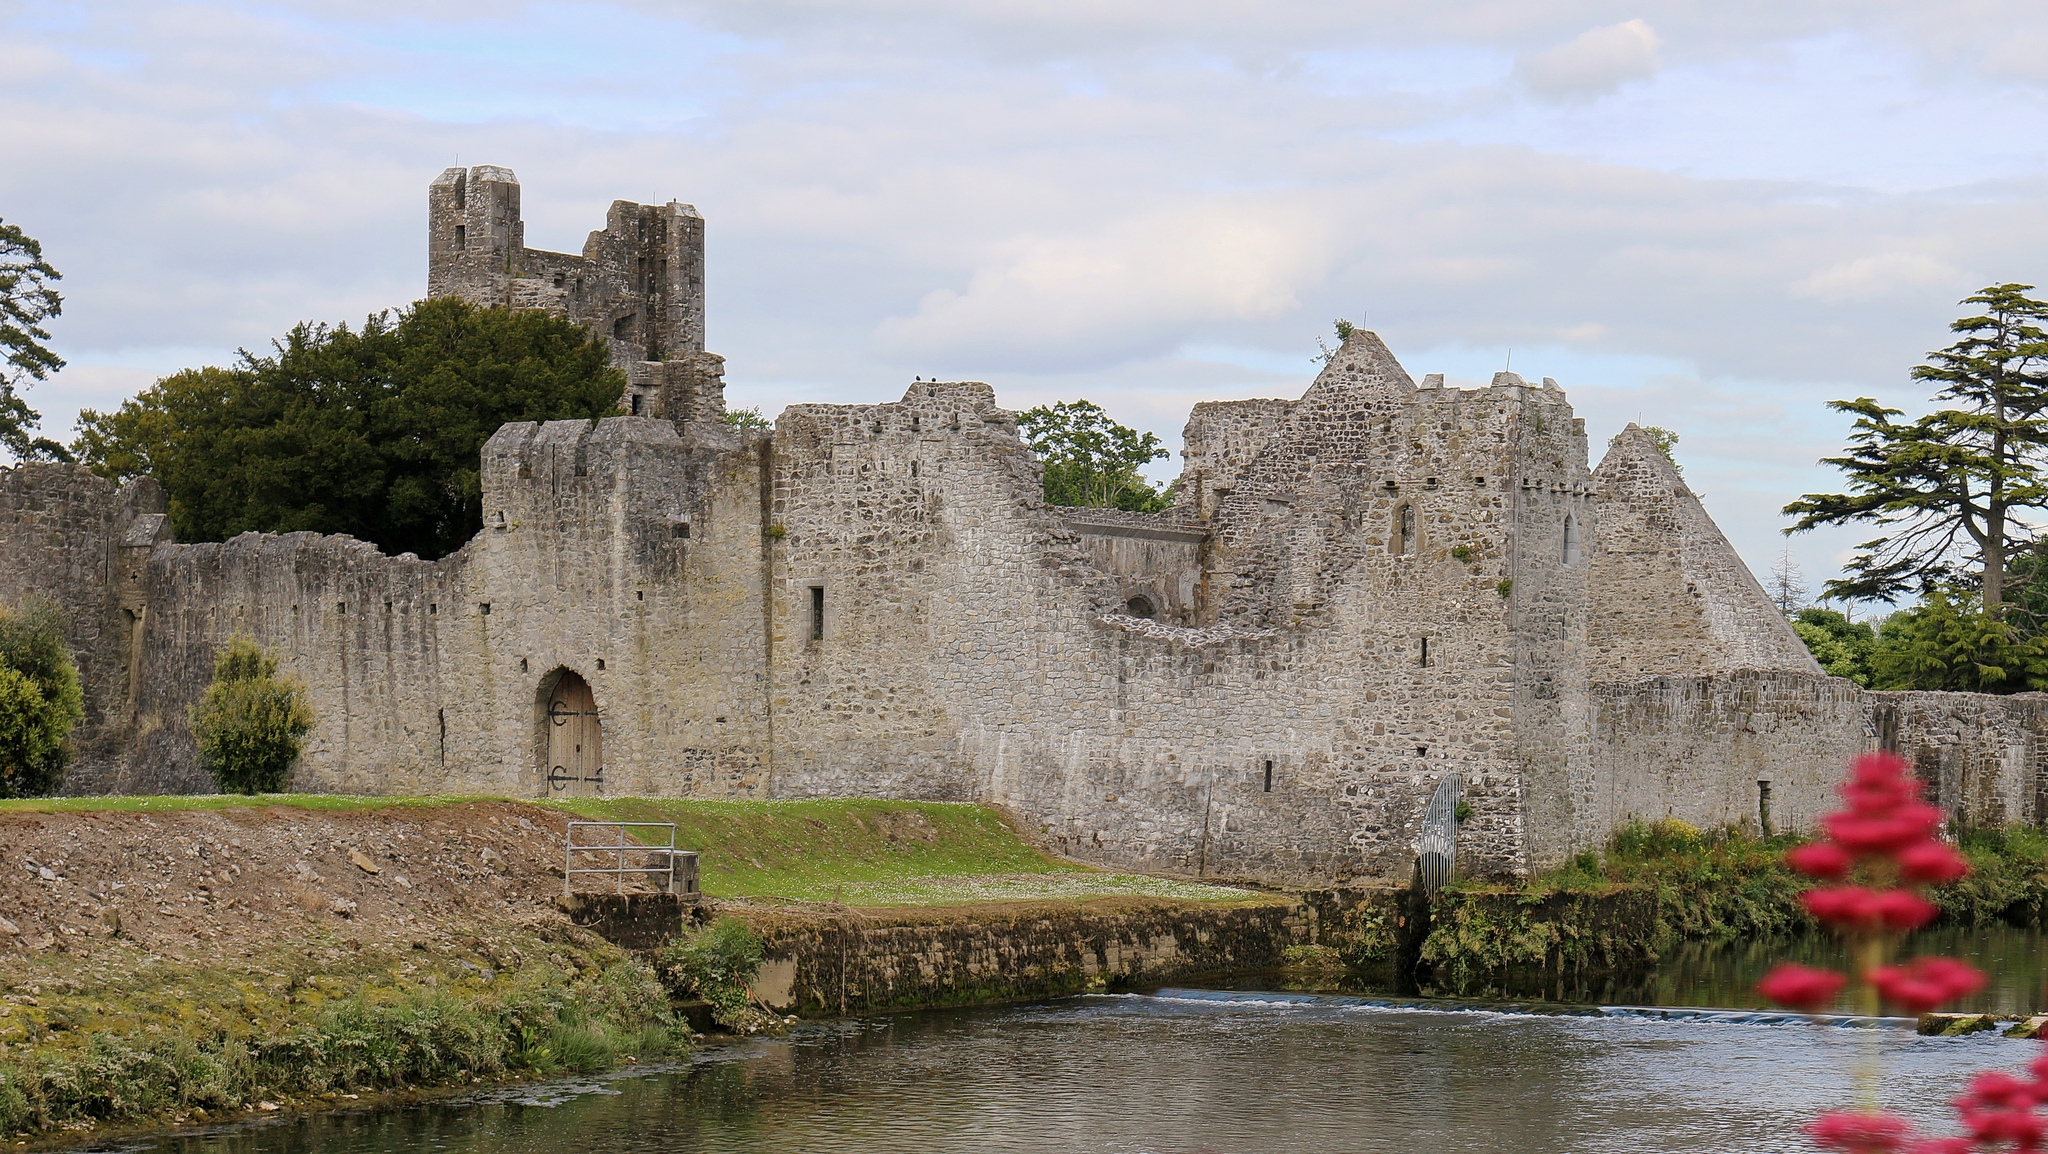 Desmond Castle